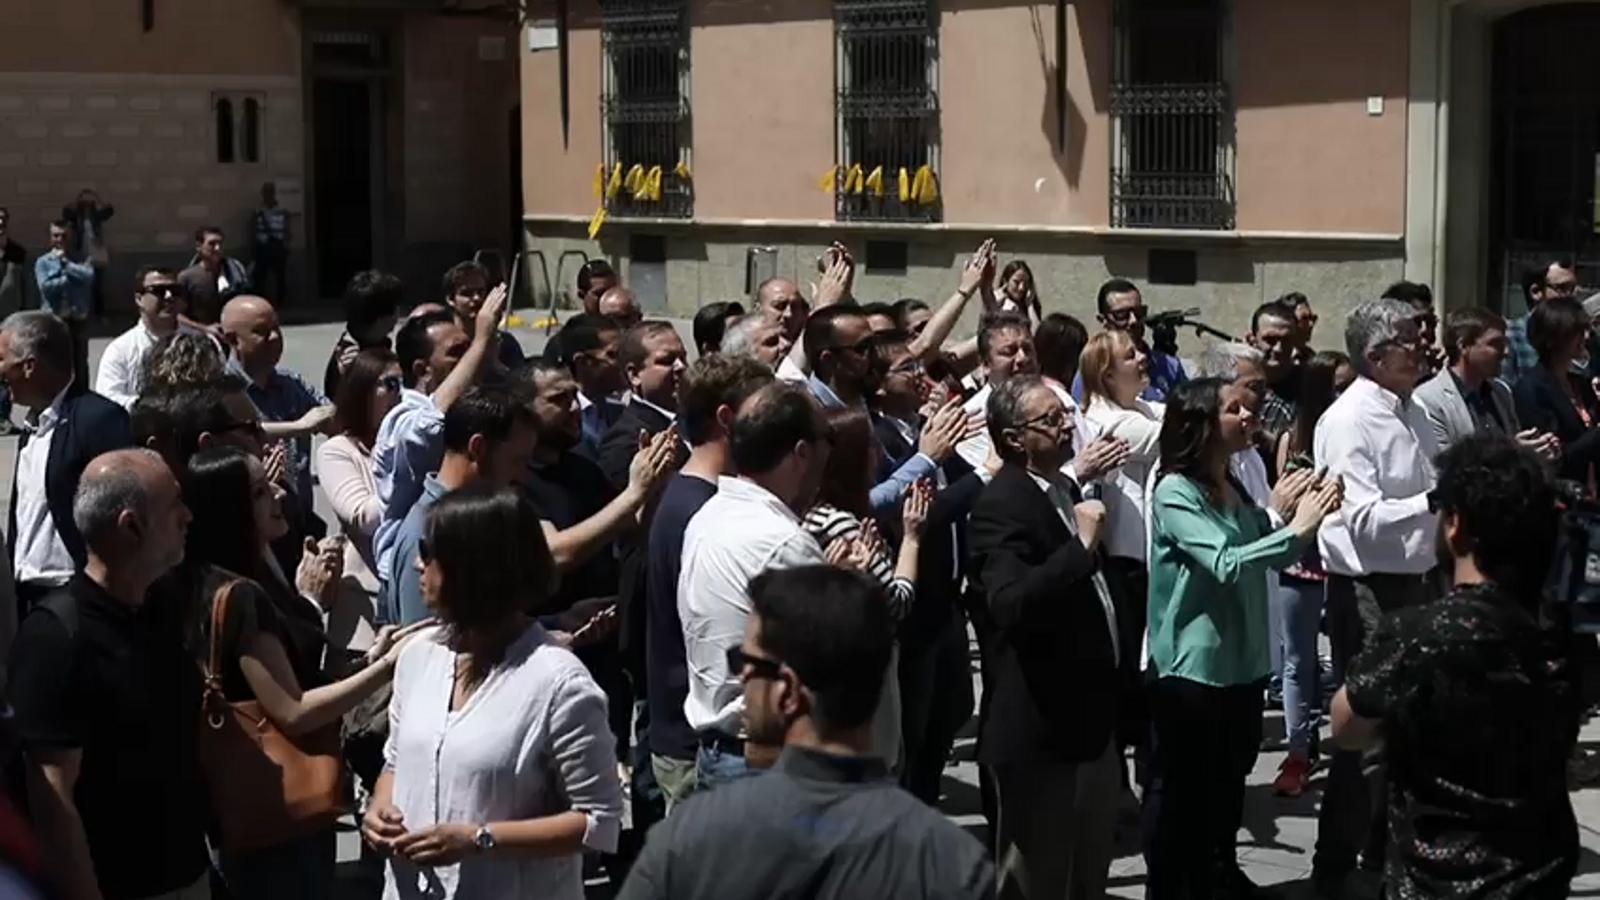 Intercanvi de retrets entre representants de Ciutadans i manifestants independentistes